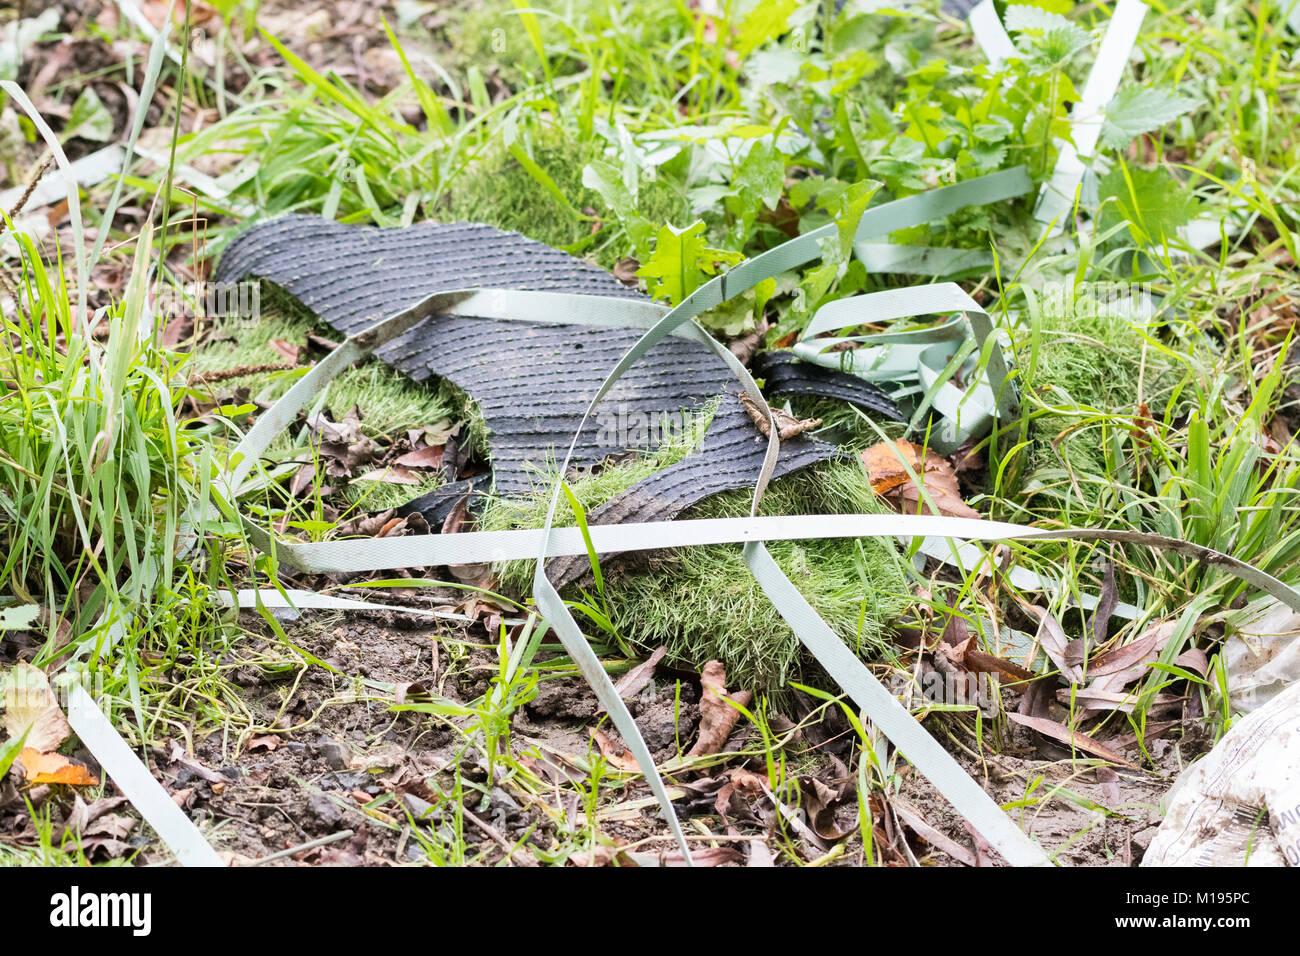 Di erba artificiale e altre importazioni oggetto di dumping di plastica in campagna - Inghilterra, Regno Unito Immagini Stock